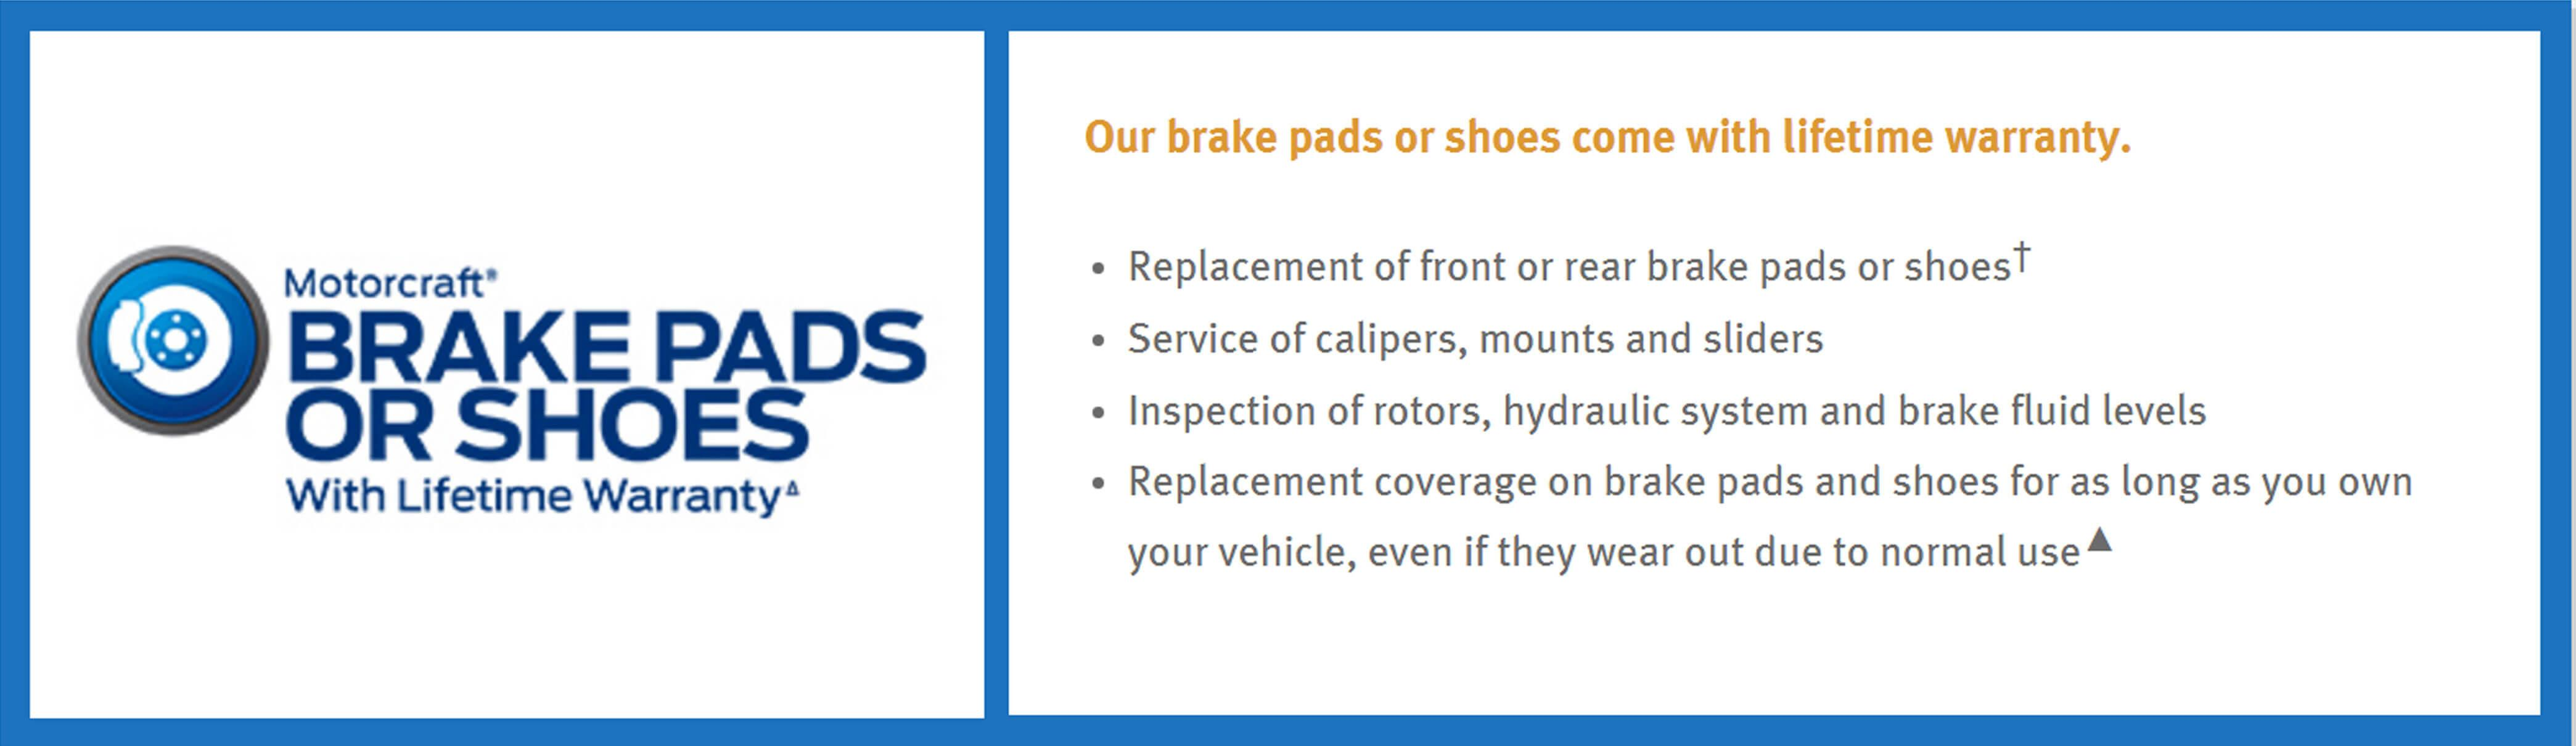 .brakes